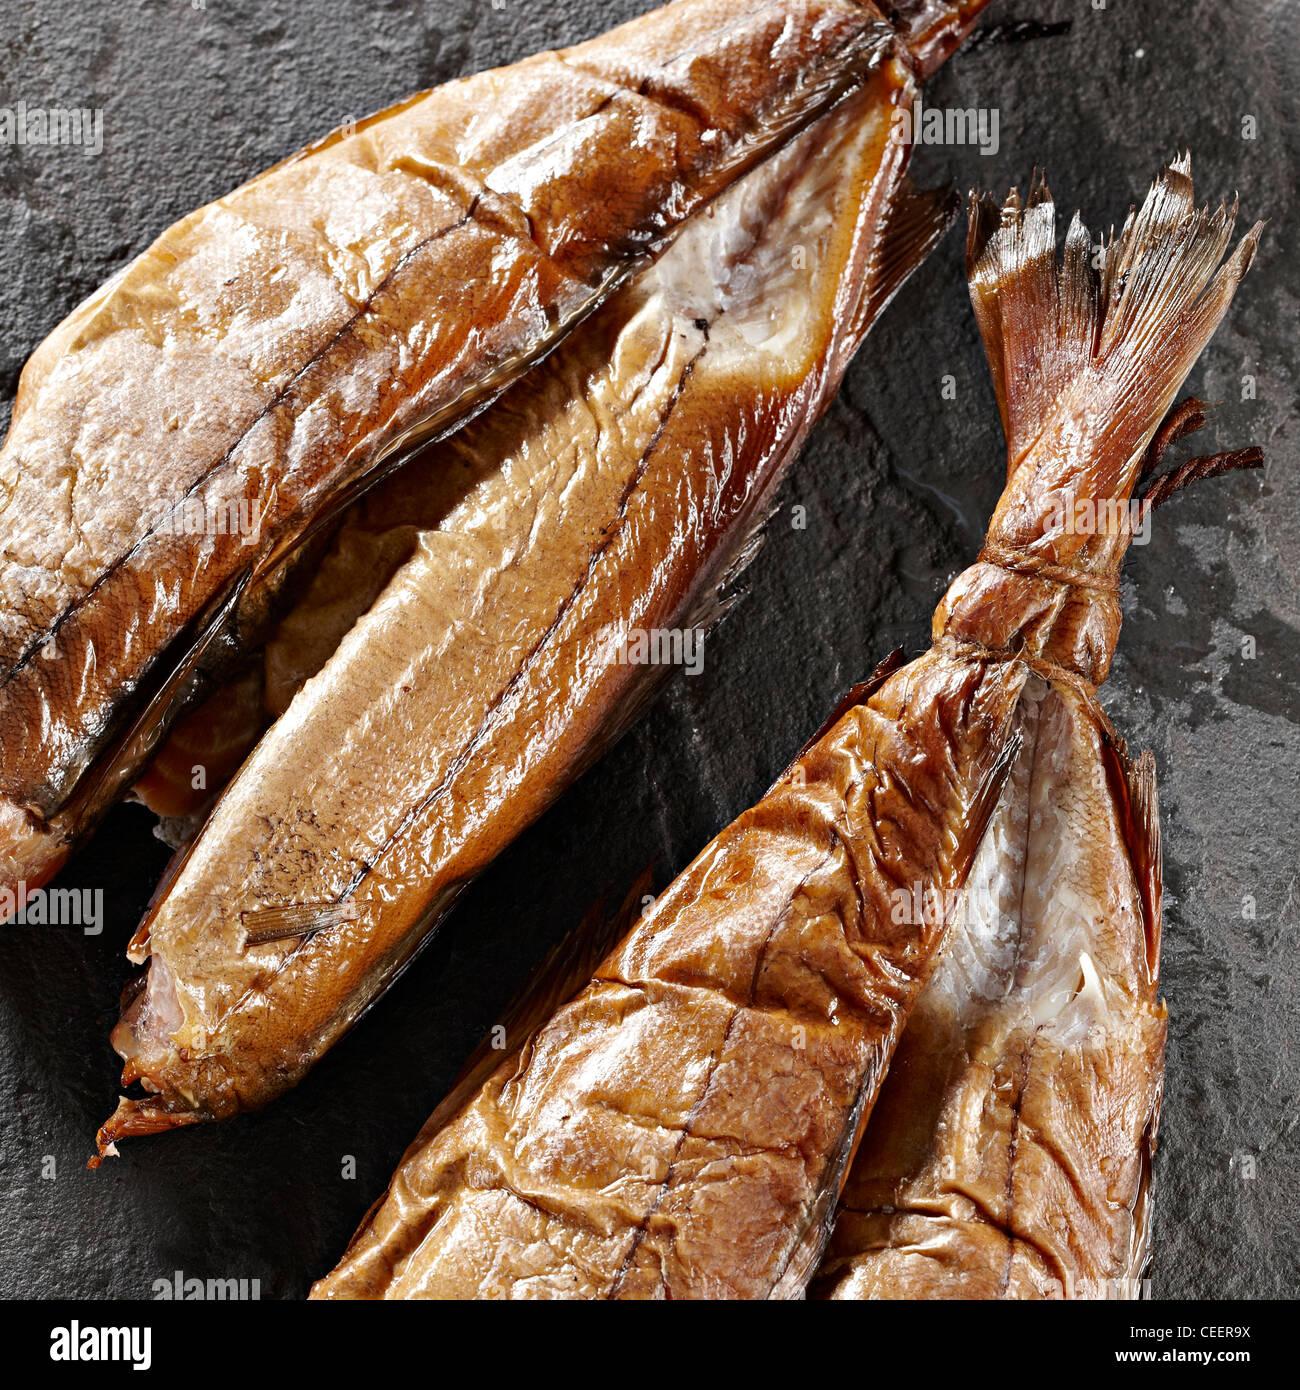 Arbroath Smokies - Stock Image